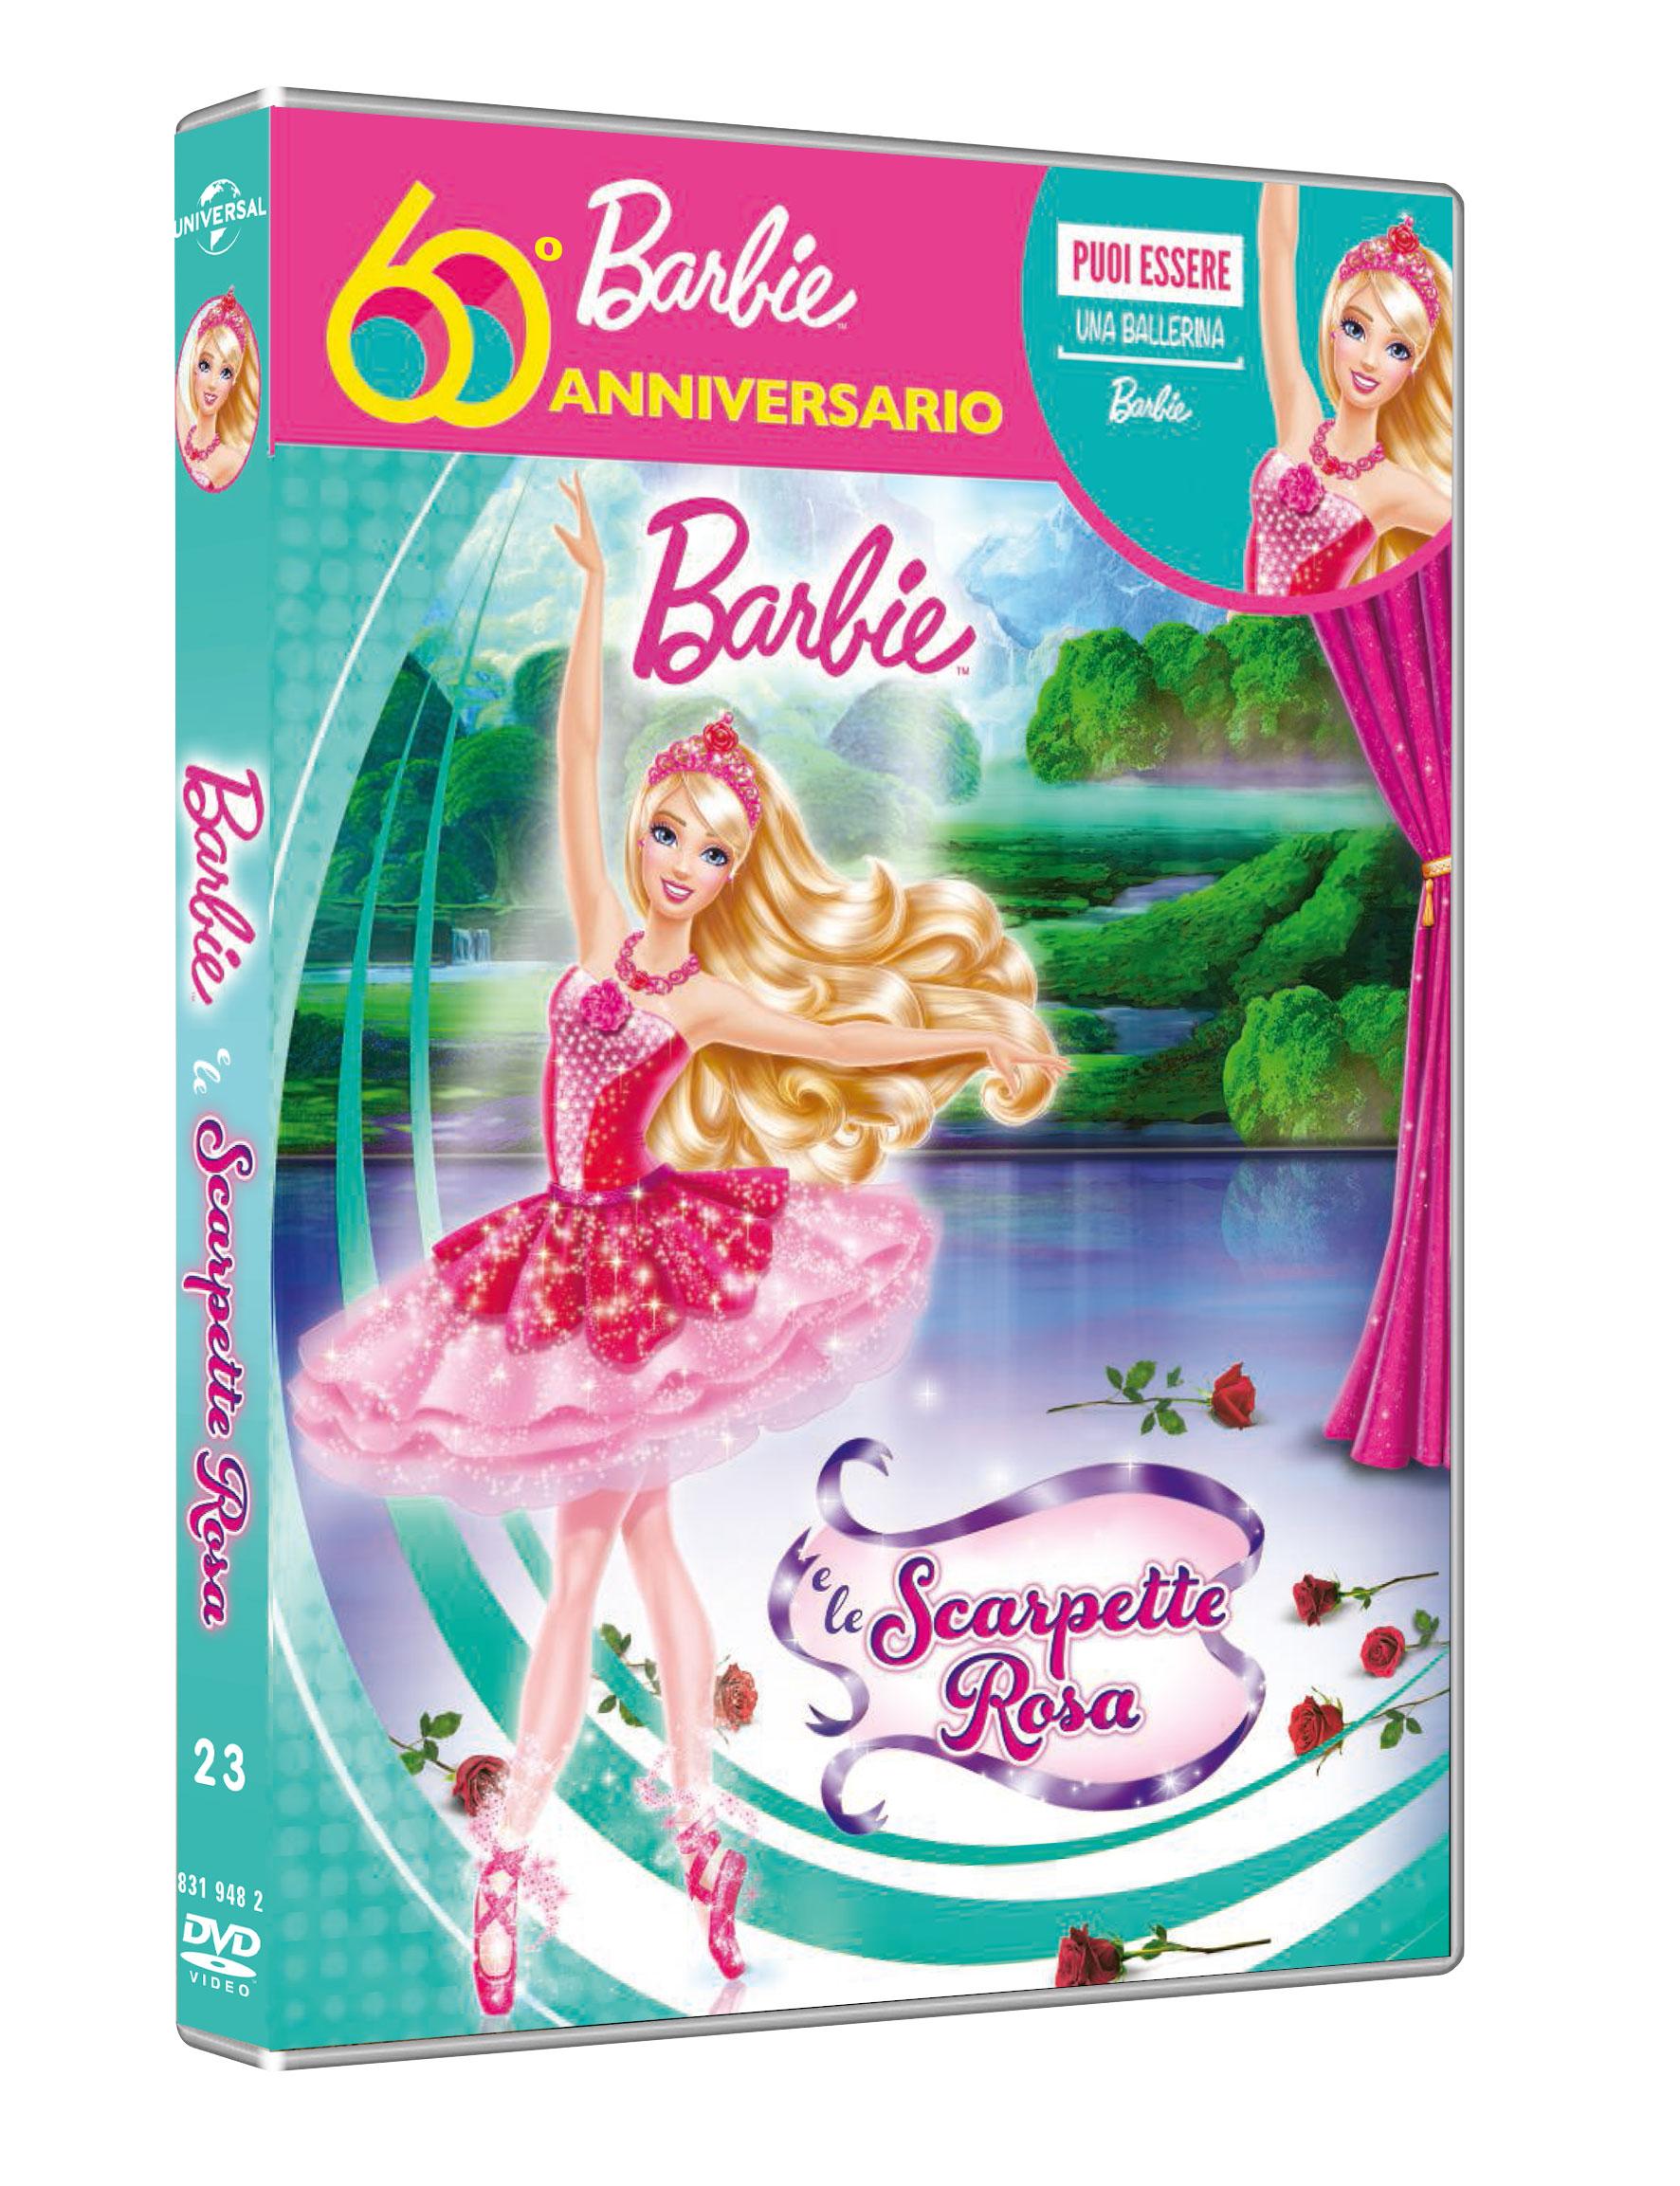 BARBIE E LE SCARPETTE ROSA - EDIZIONE 60 ANNIVERSARIO (BARBIE BA